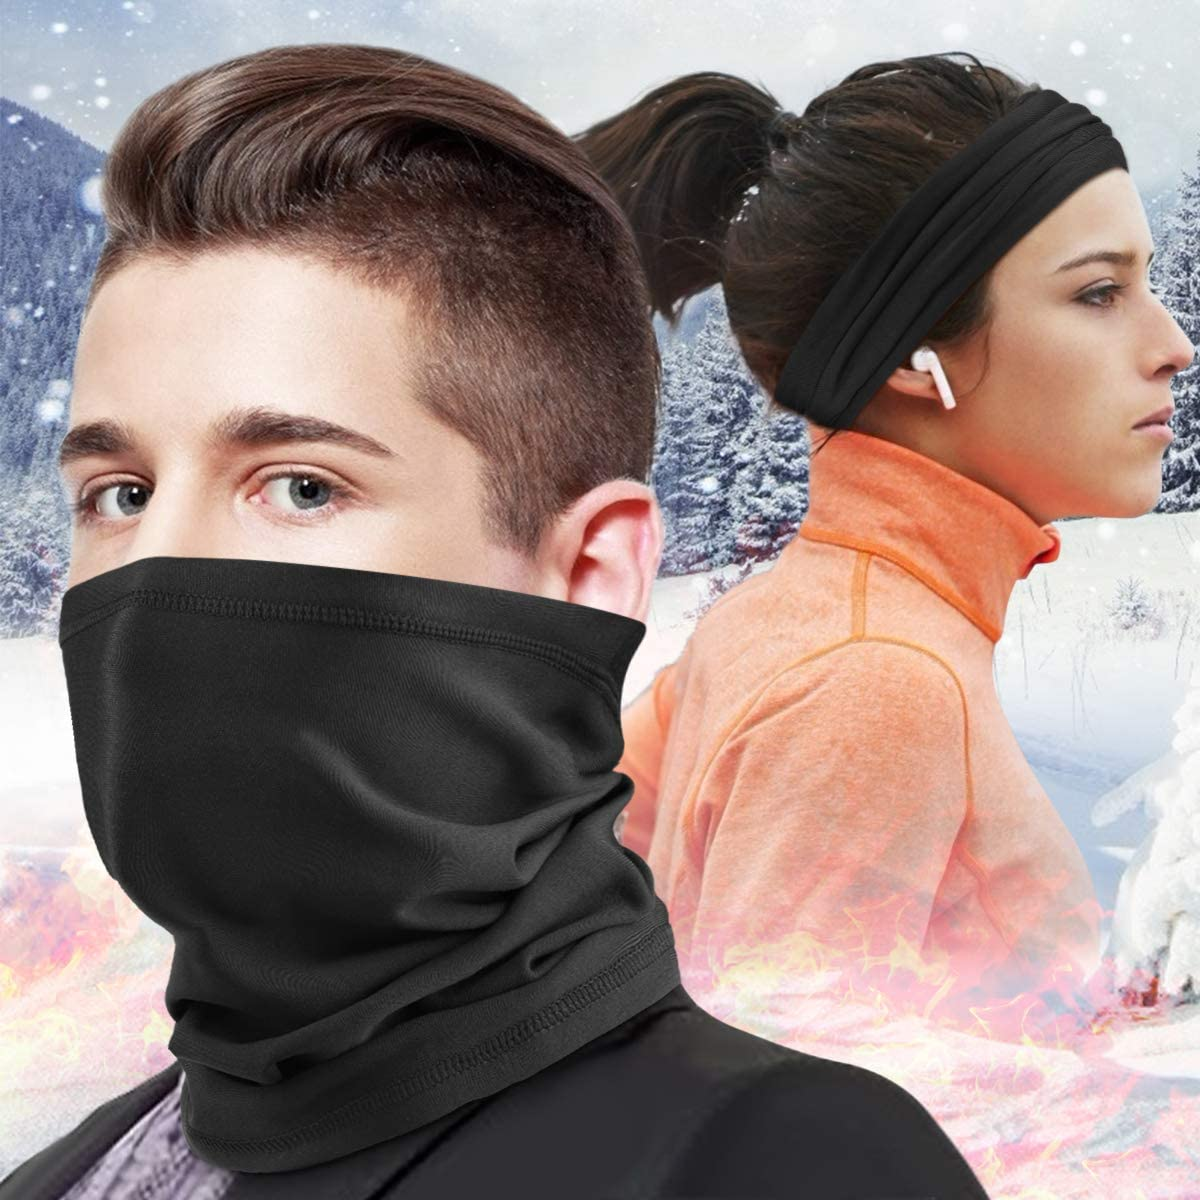 HASAGEI Cache Cou Tubulaire col Nez Foulards dhiver en Polaire Thermique /élastique Protecteur de Cou pour Ski Course Moto V/élo